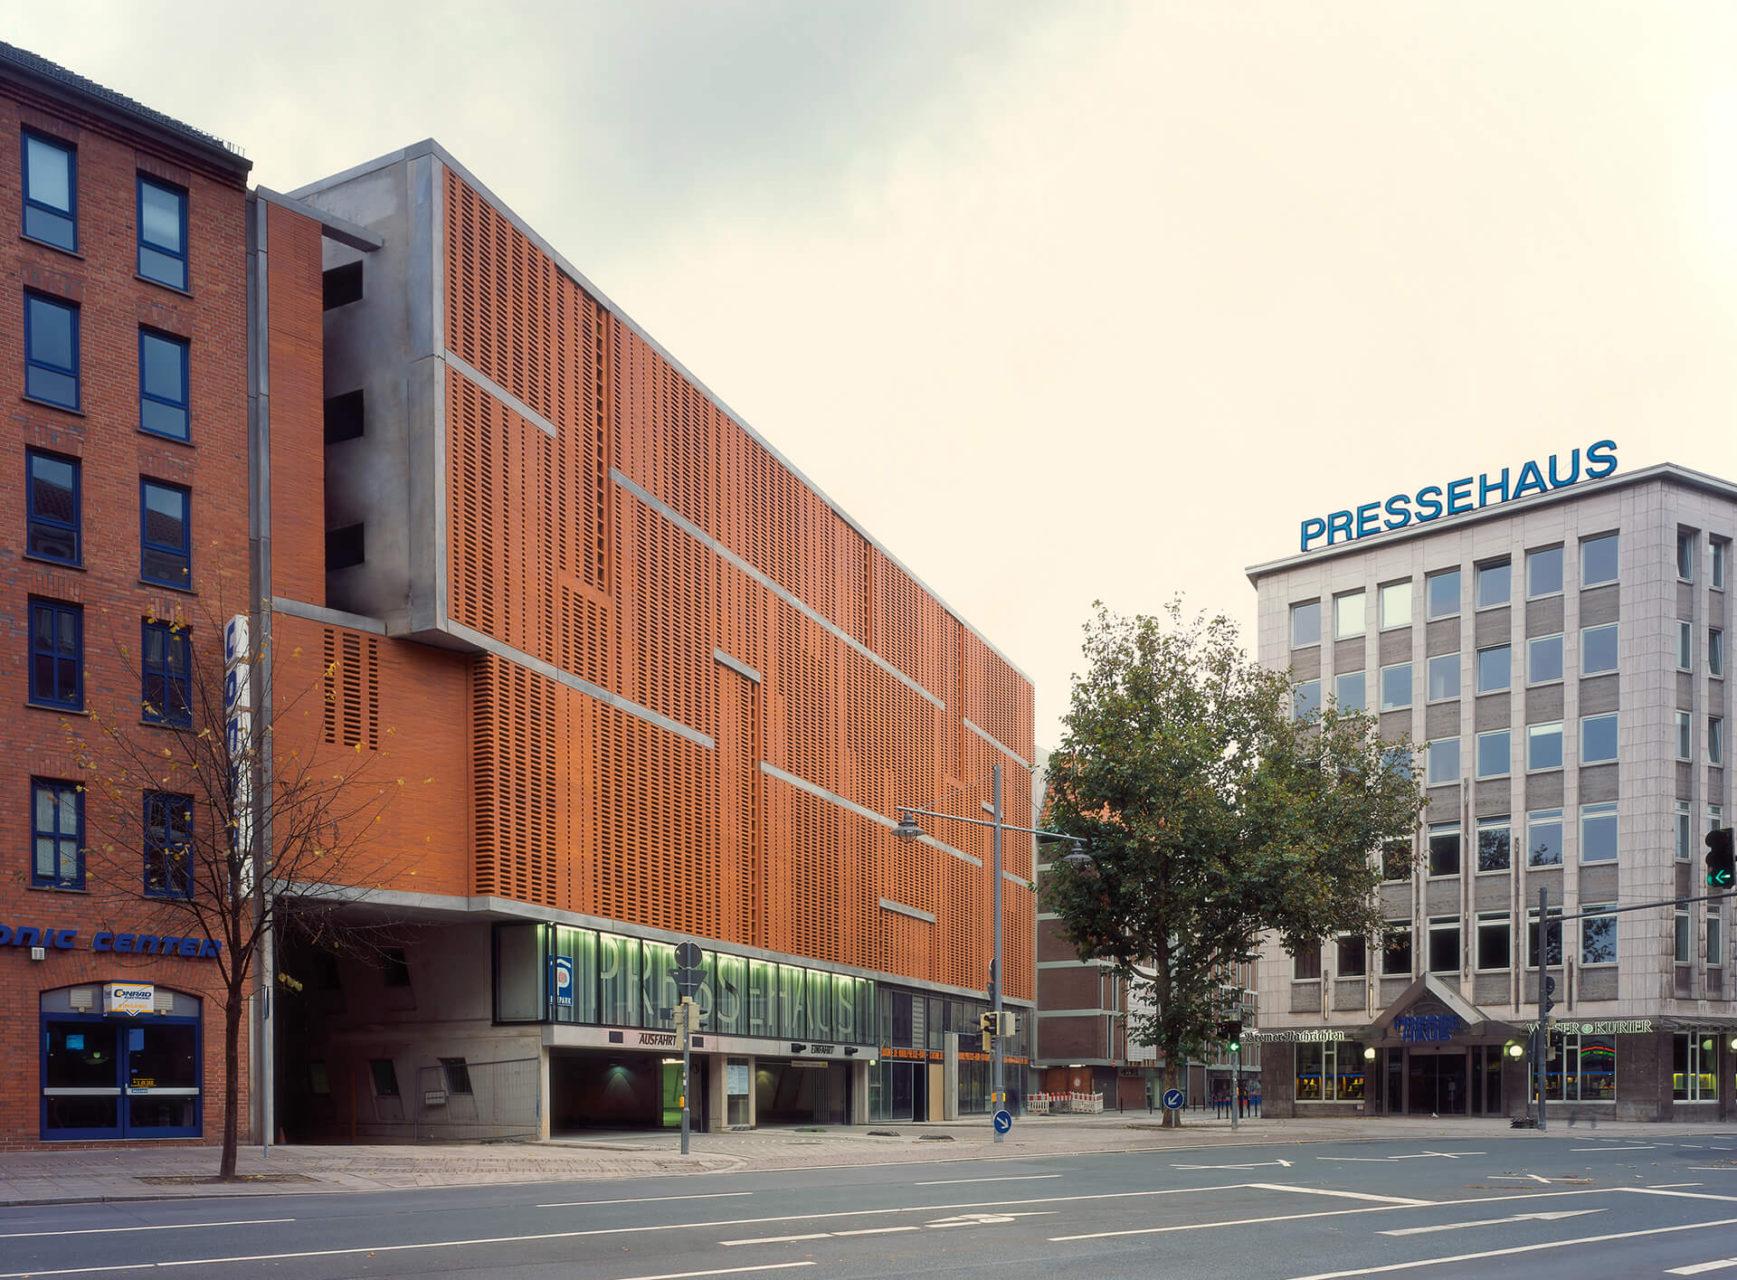 Ksg architekten parkhaus pressehaus bremen - Architekten bremen ...